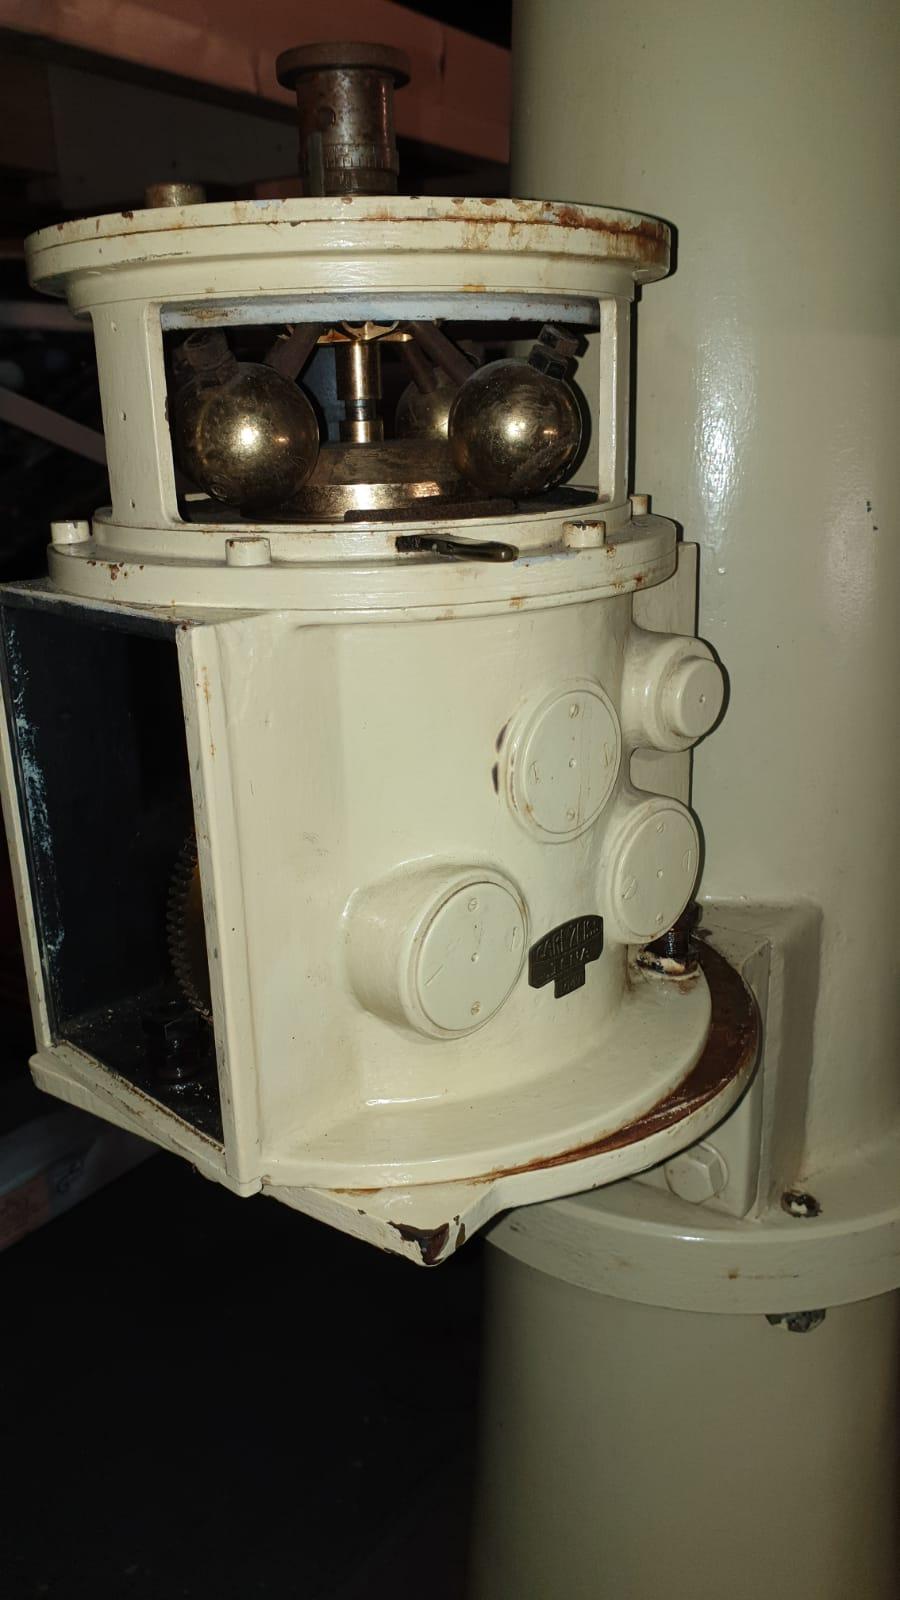 Getriebebox gelöst vom Stativfuß.